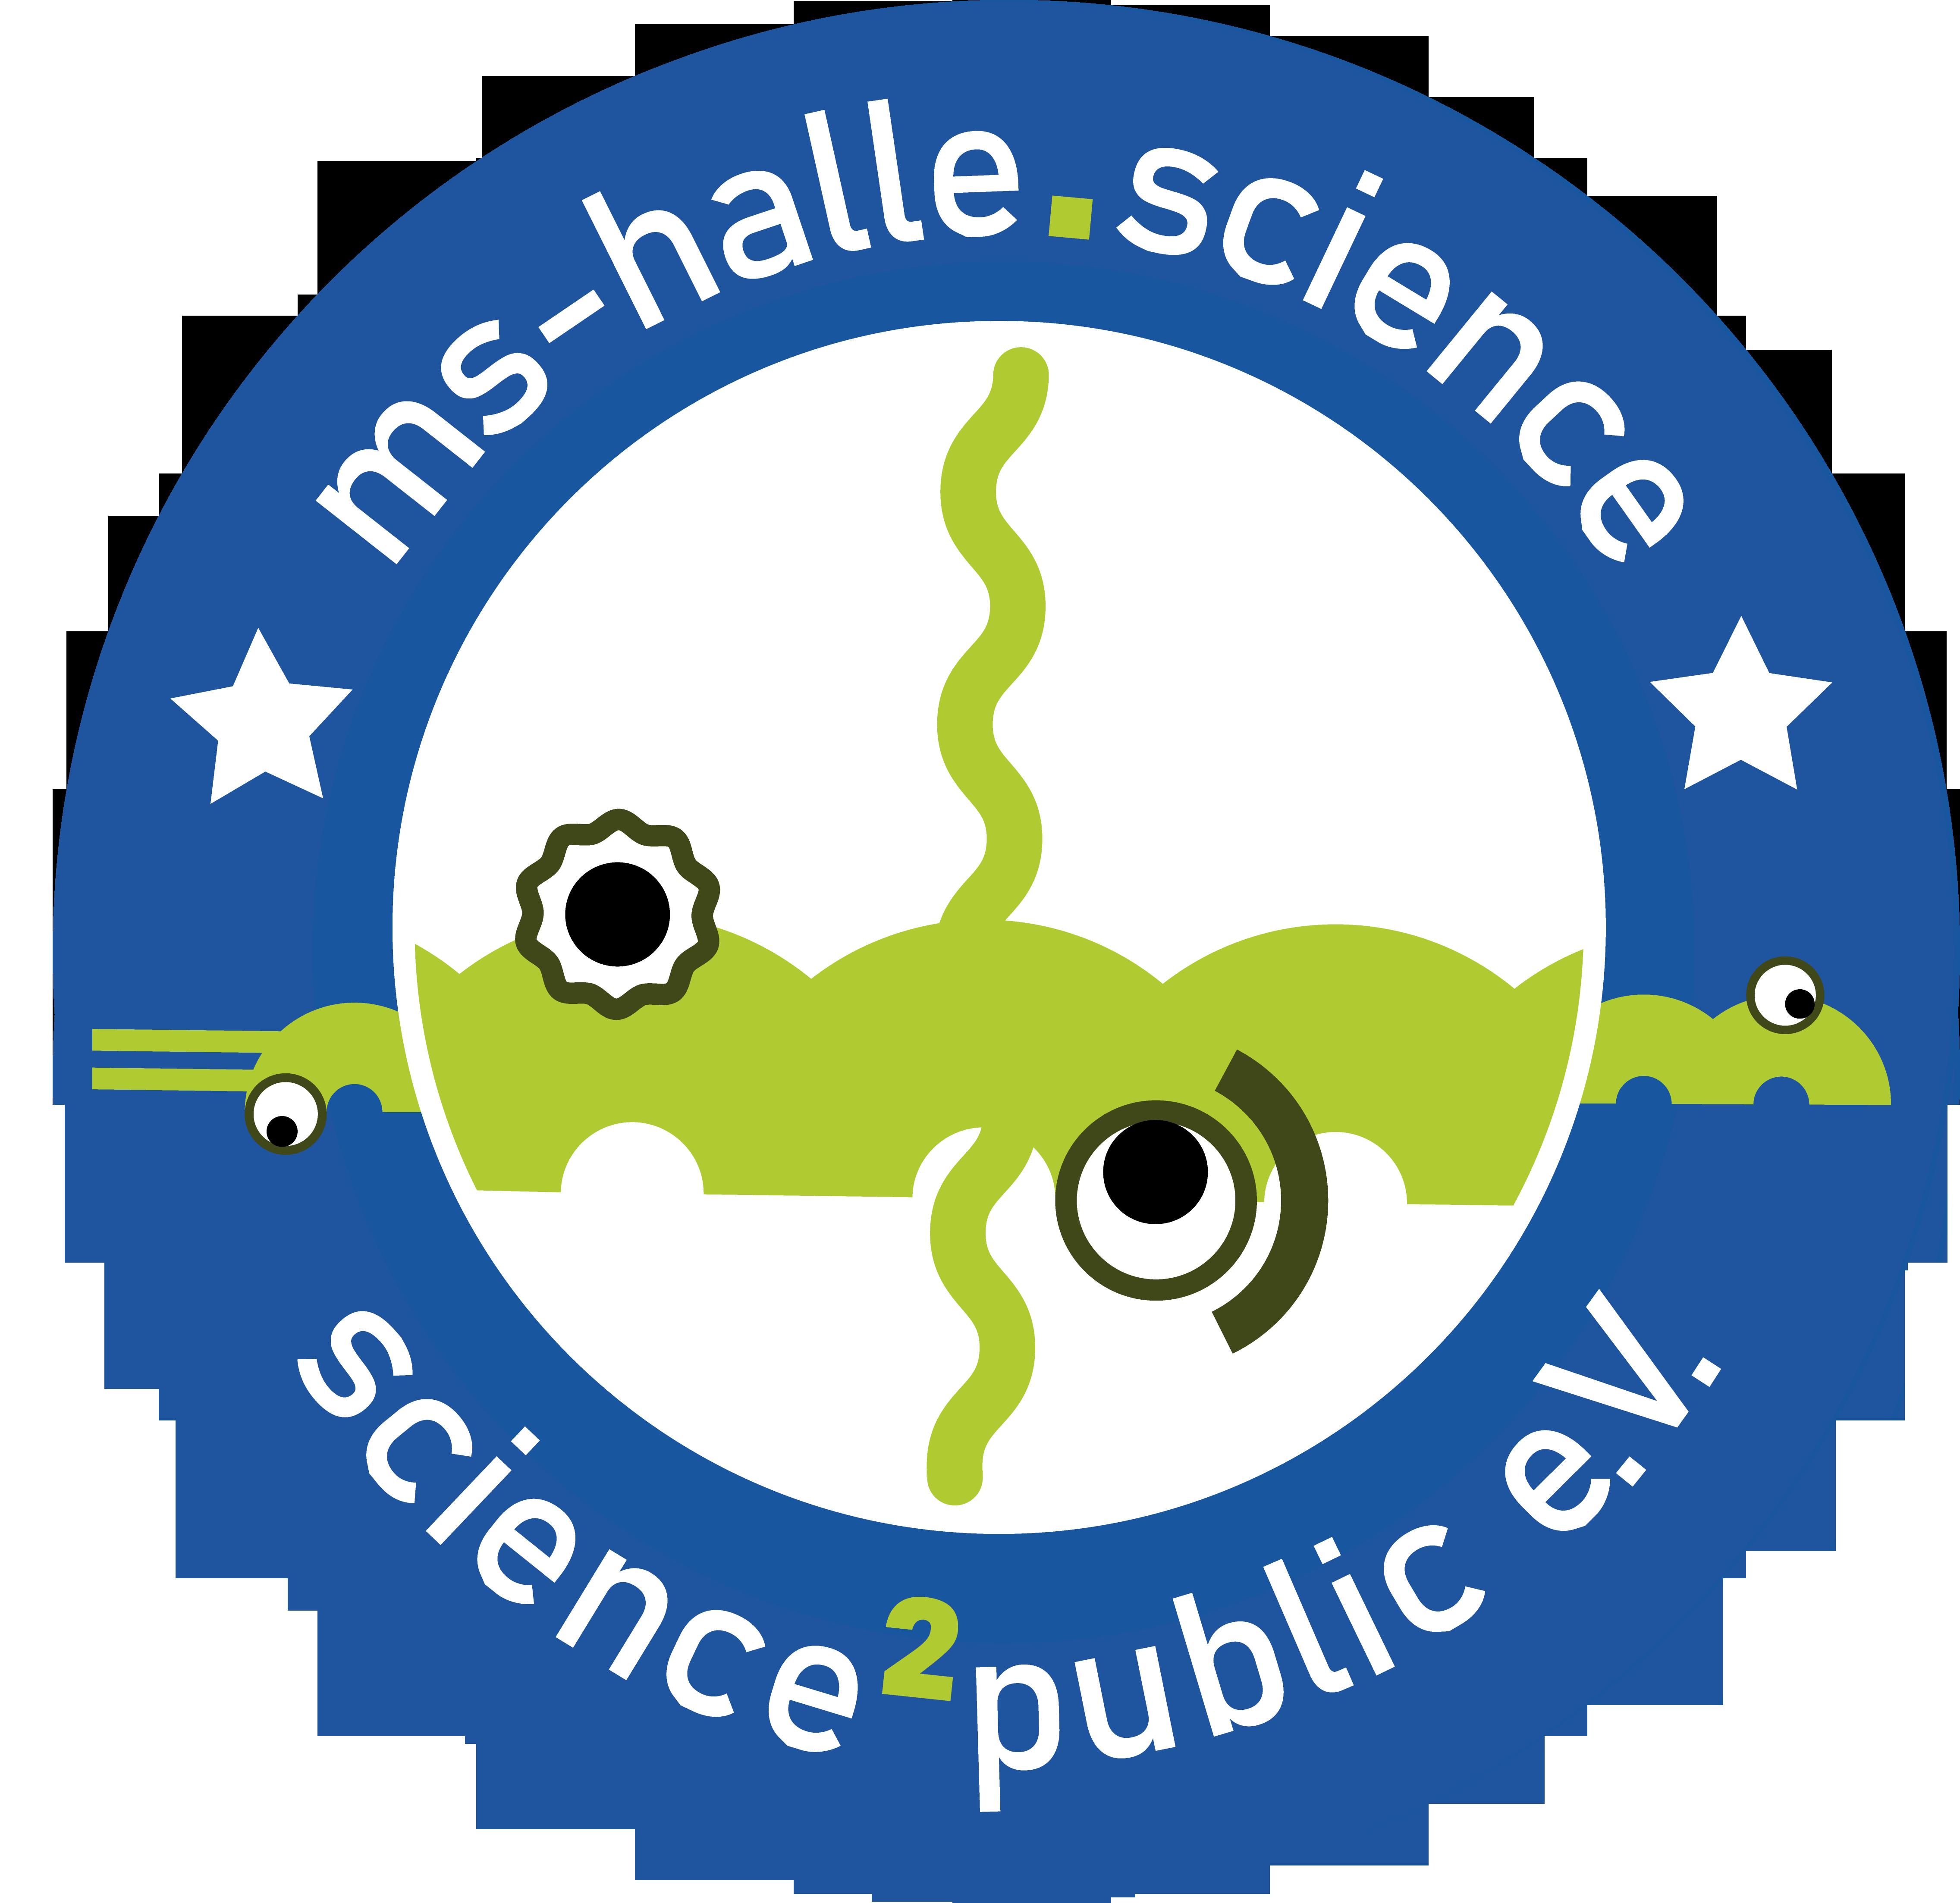 MAKE SCIENCE HALLE